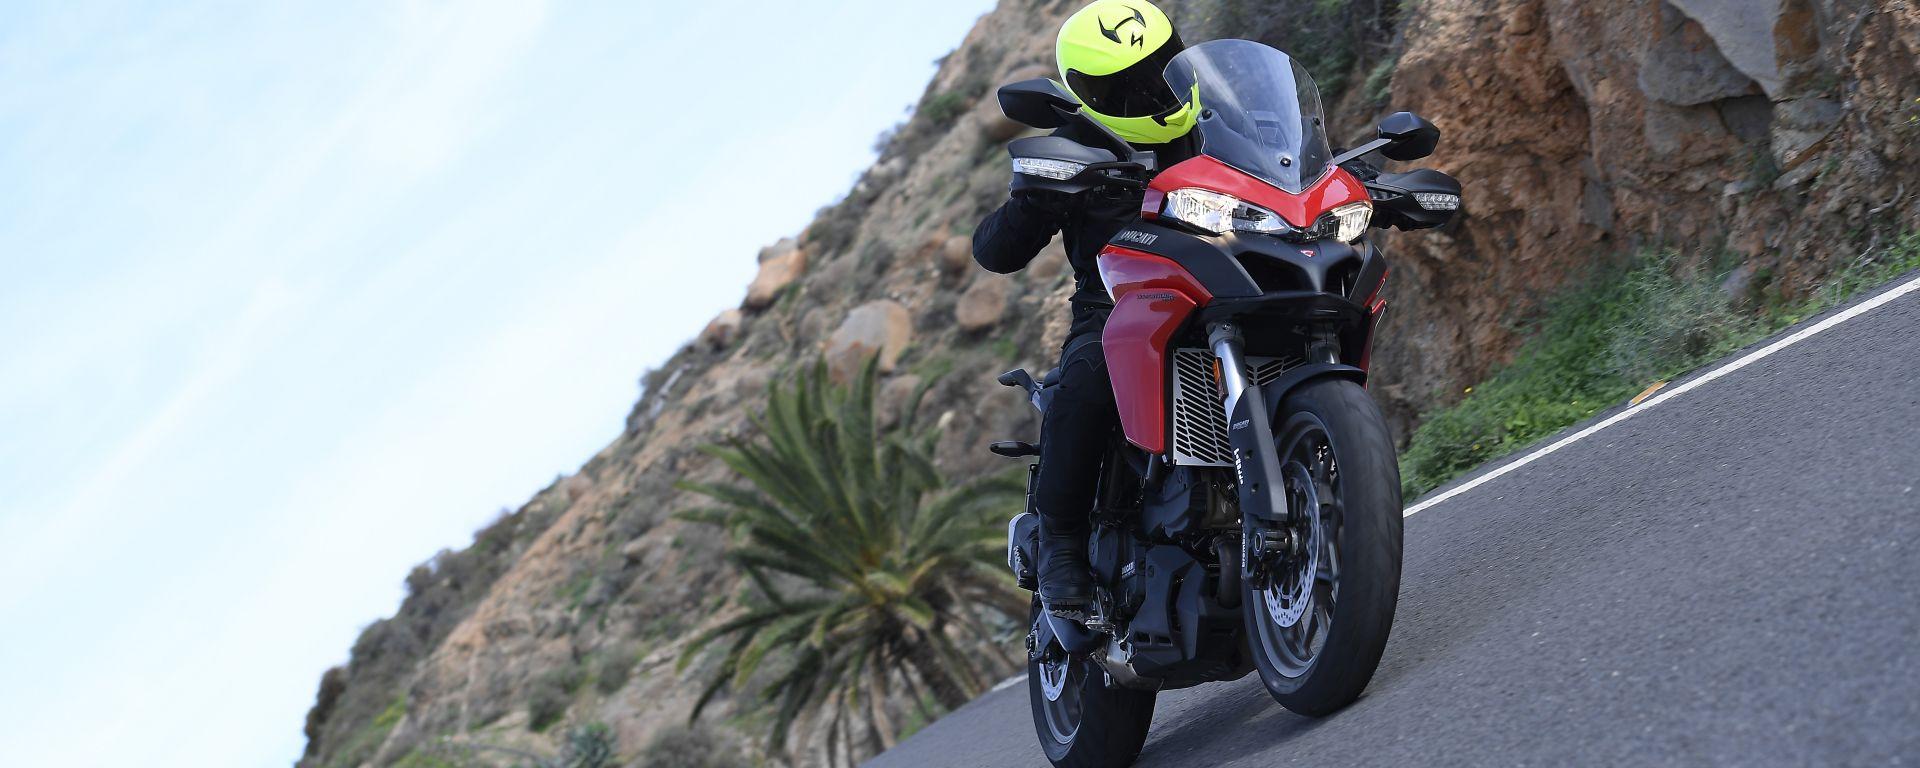 Ducati Multistrada 950, rosso